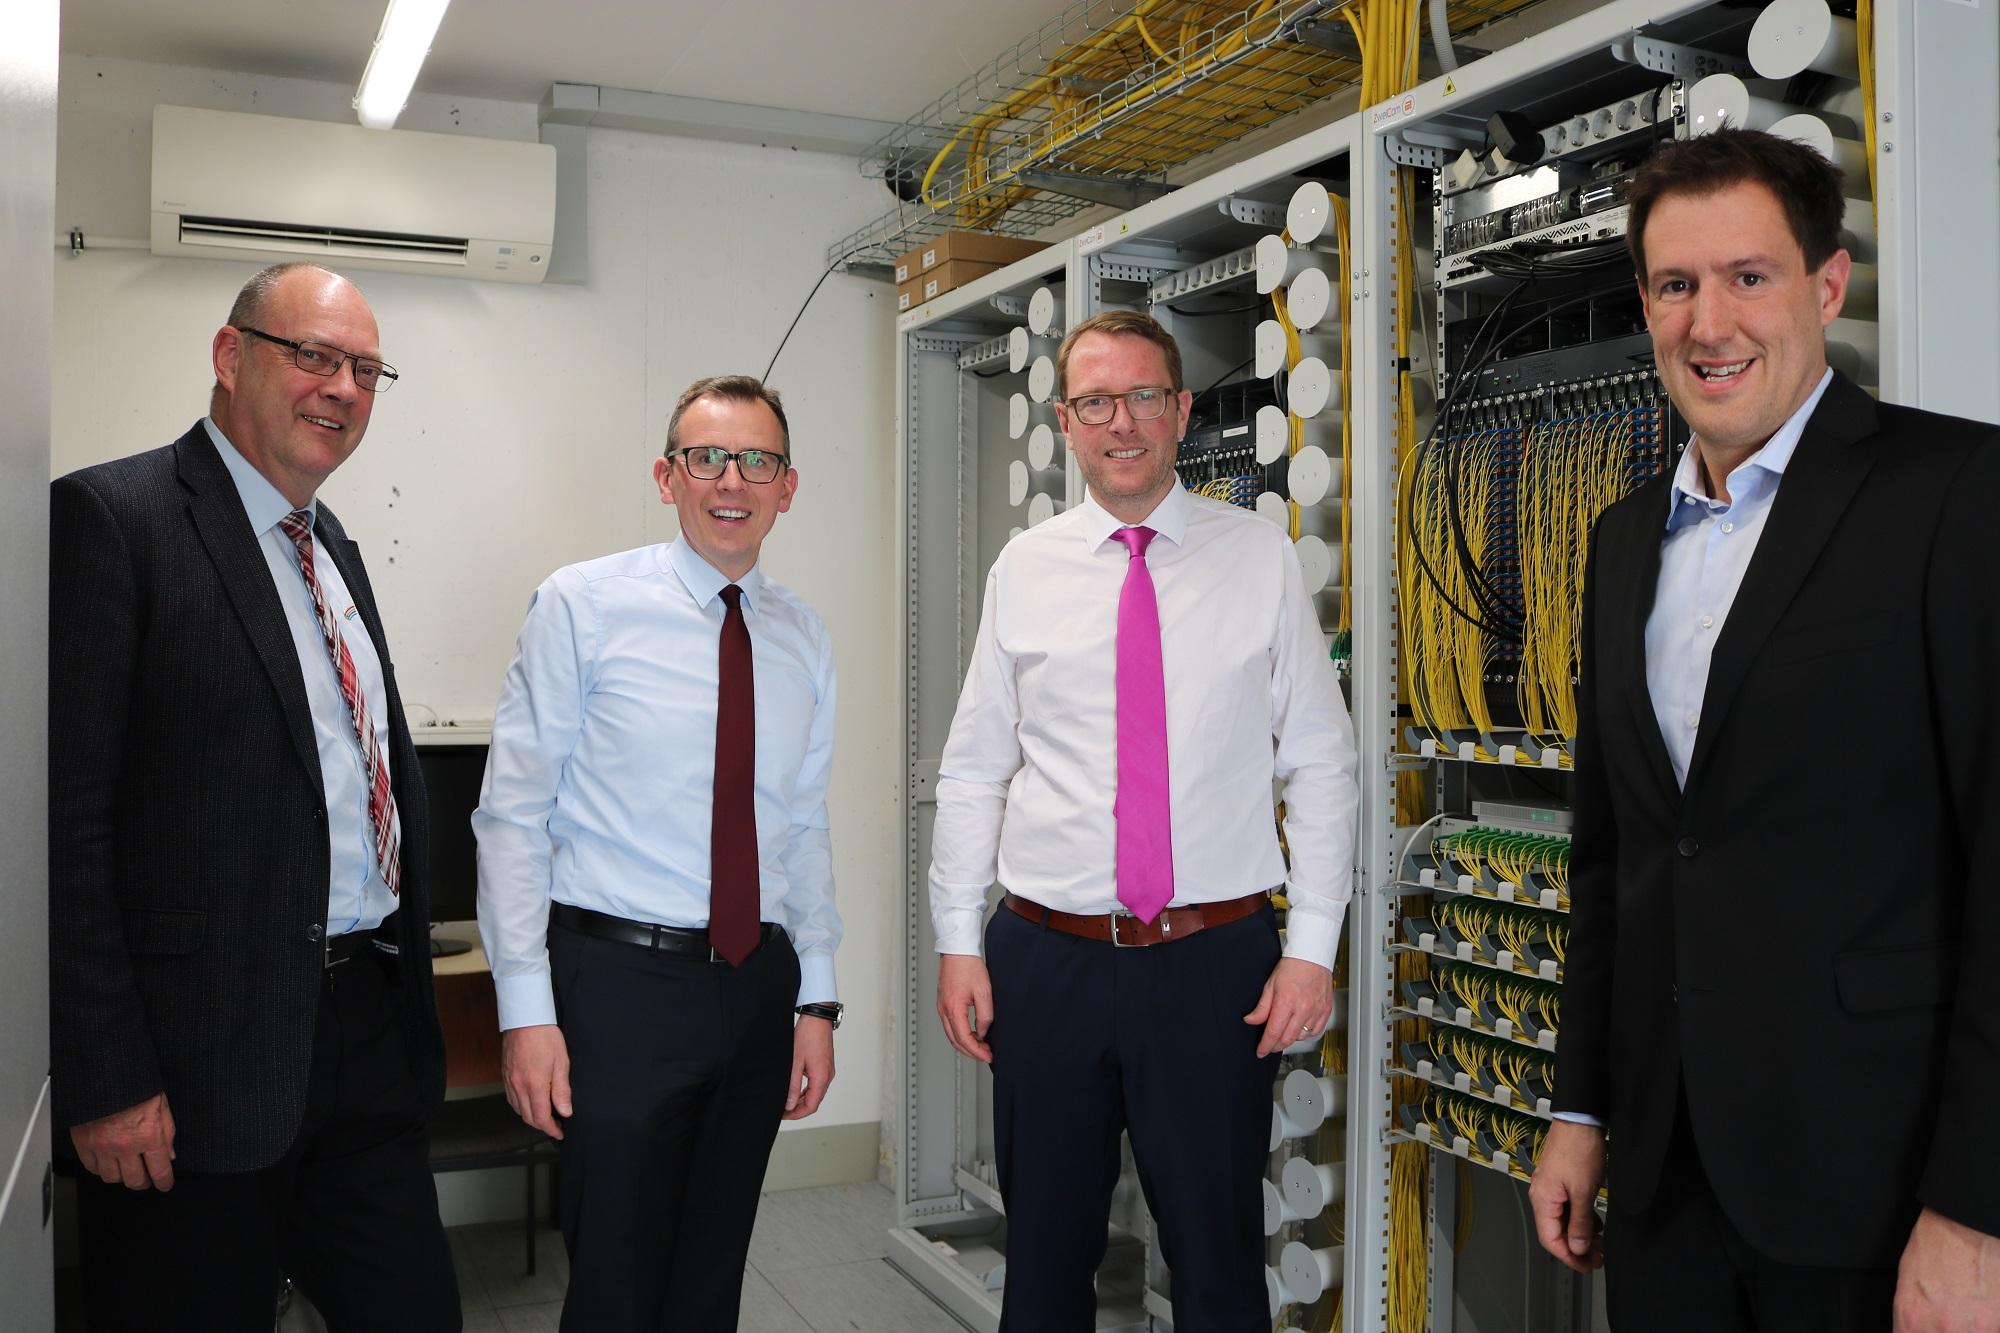 Der niedersächsische Staatssekretär für Digitales, Stefan Muhle, überzeugt sich im Schwarzwald-Baar-Kreis vom vorzeigbaren Ausbau einer zukunftsweisenden Glasfaser-Infrastruktur.